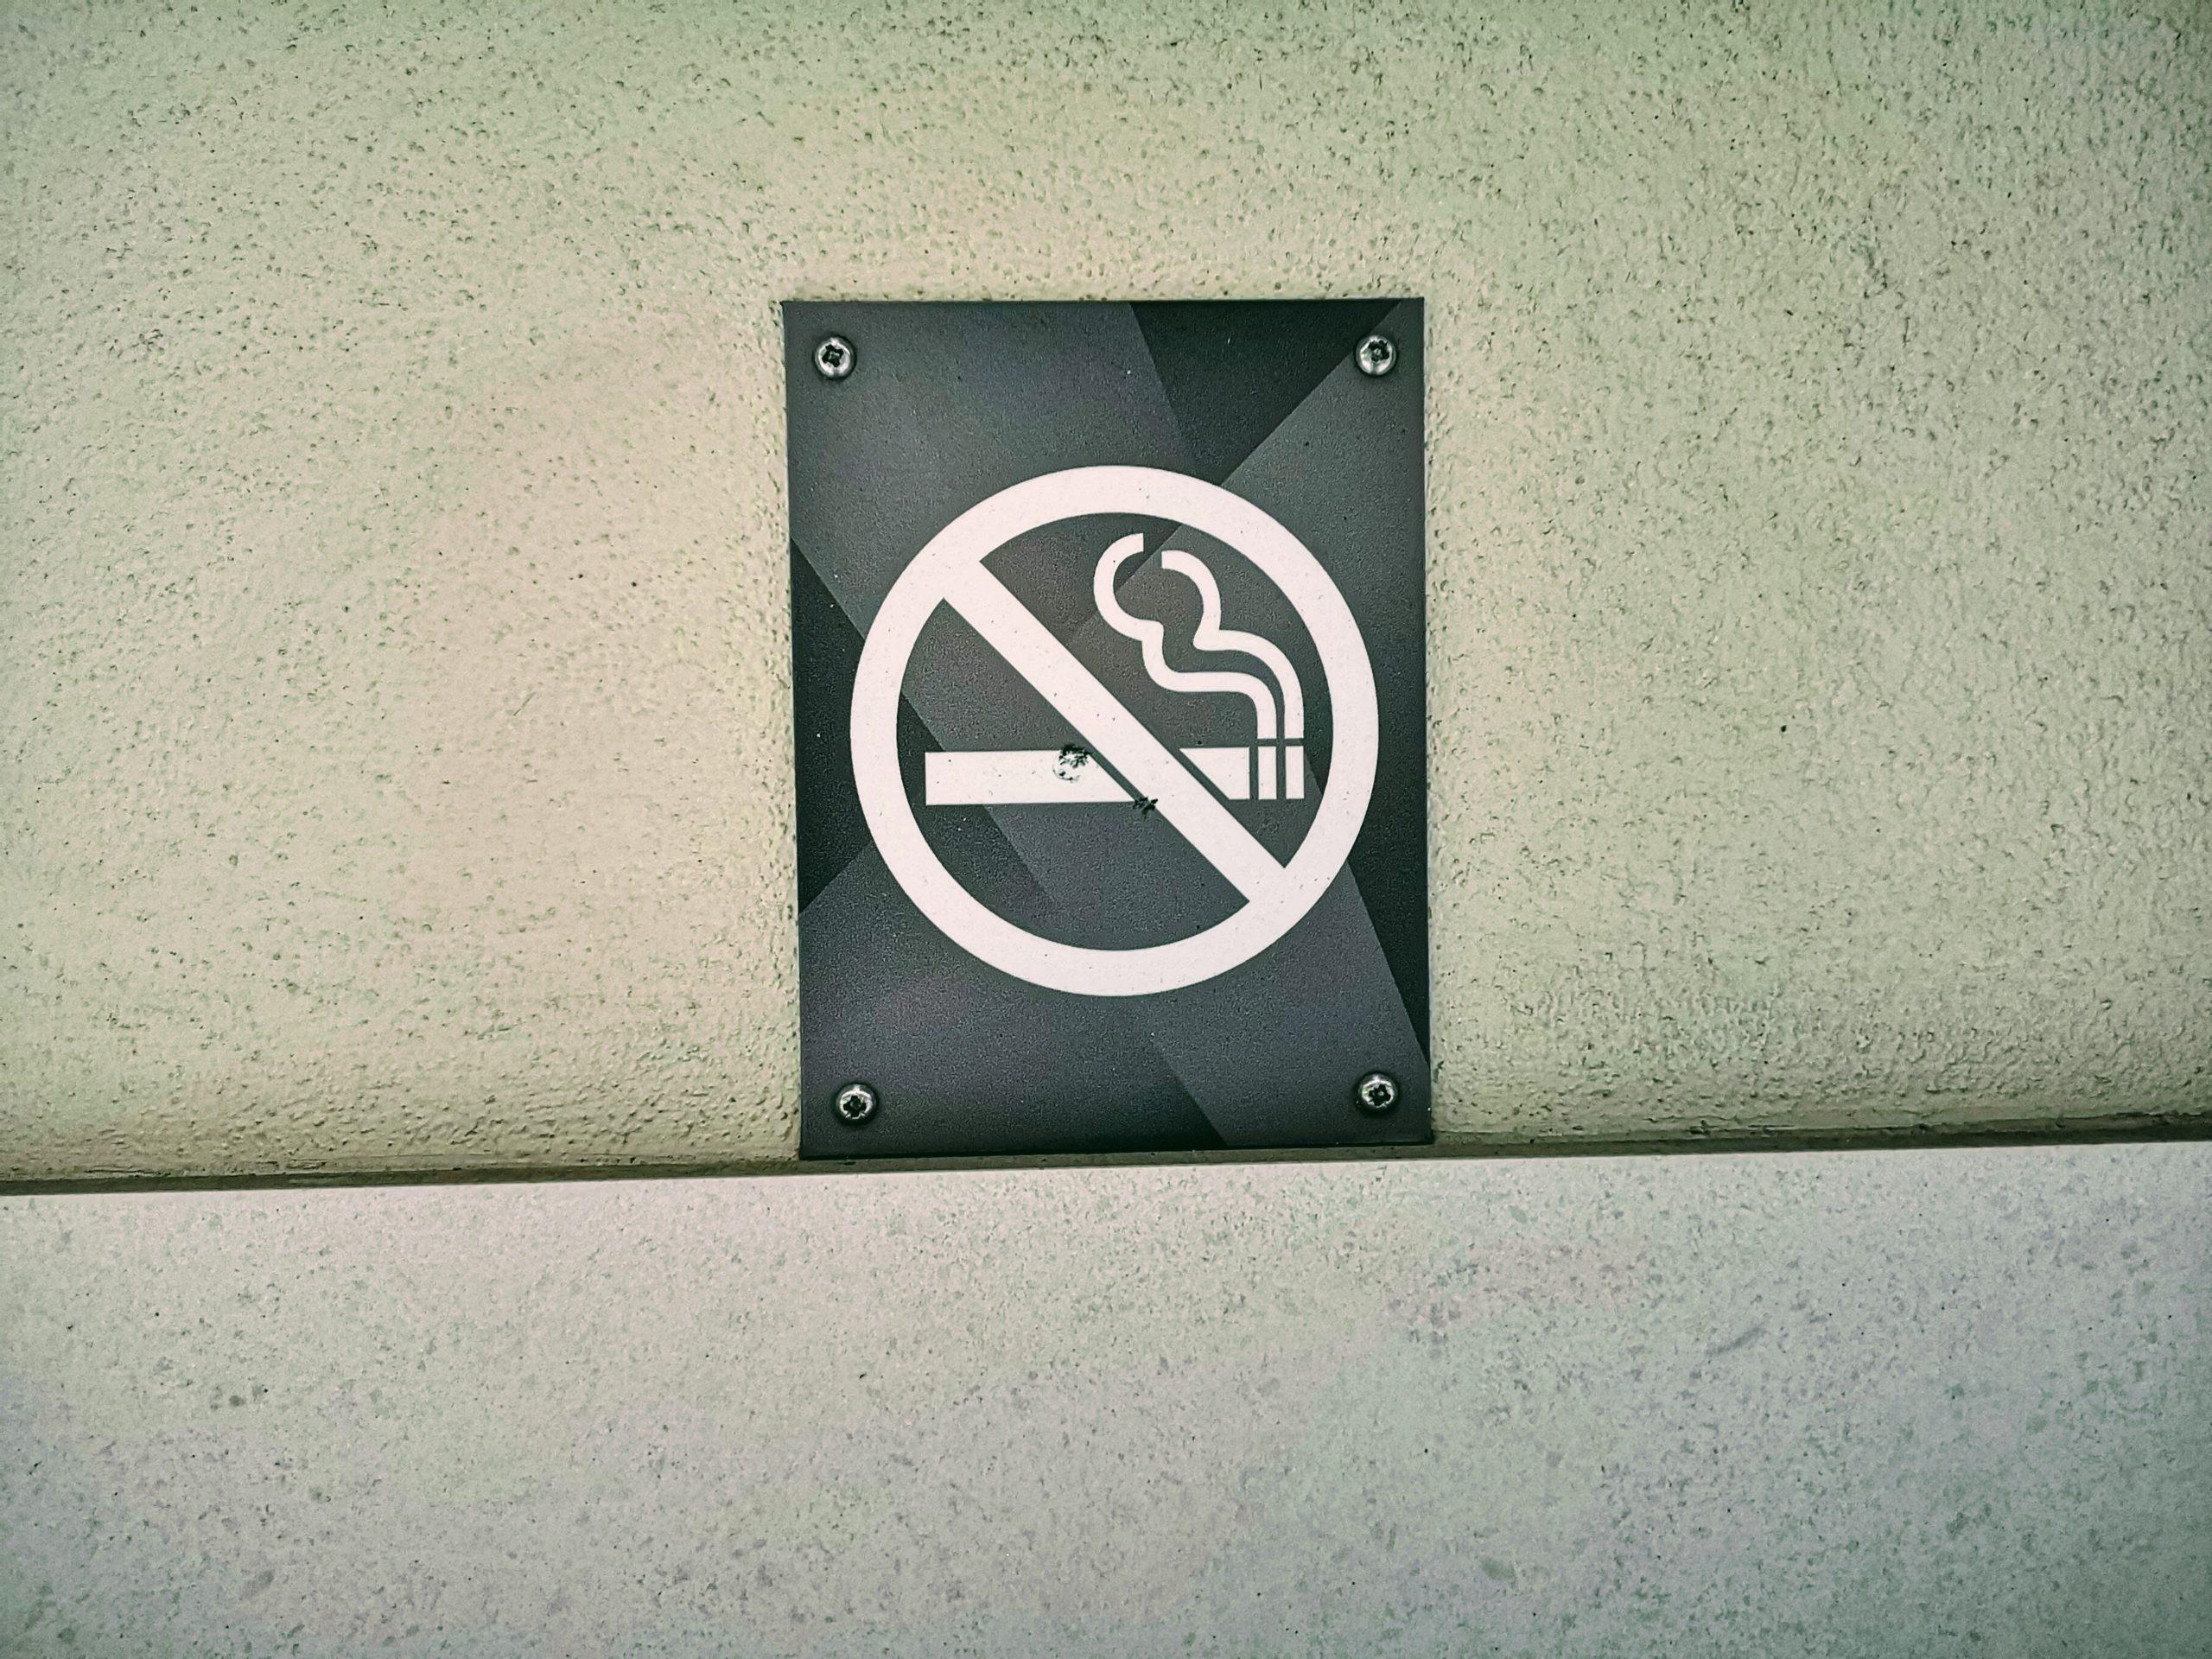 Tupakoinnin kieltäminen taloyhtiössä